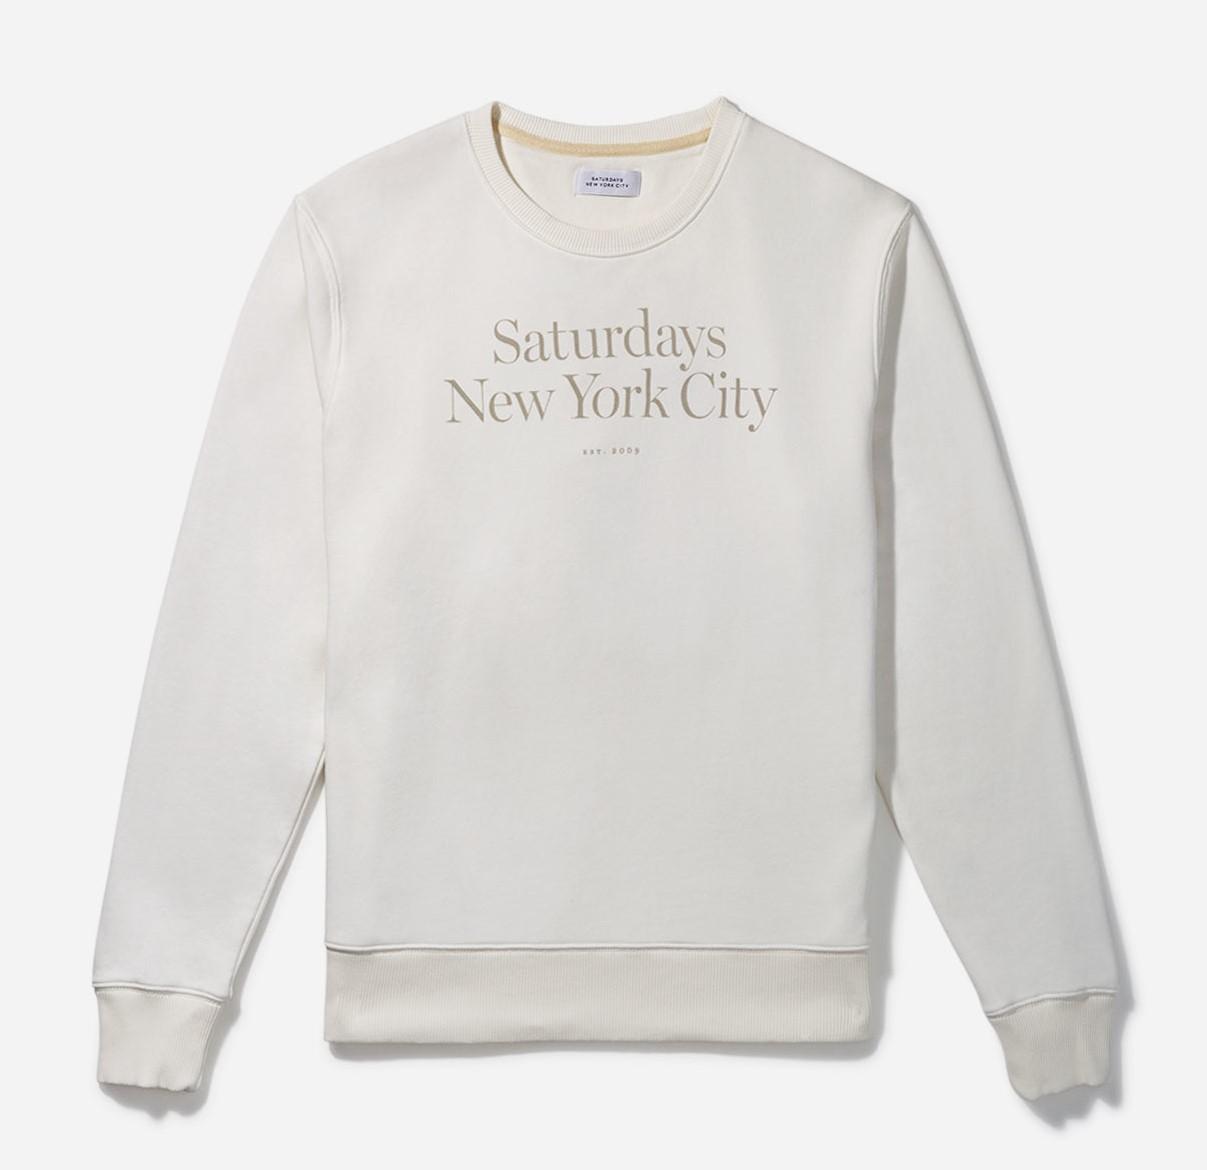 大野智 VS嵐 9/17 衣装 スウェット Saturdays NYC Bowery Miller Standard Crew Ivory